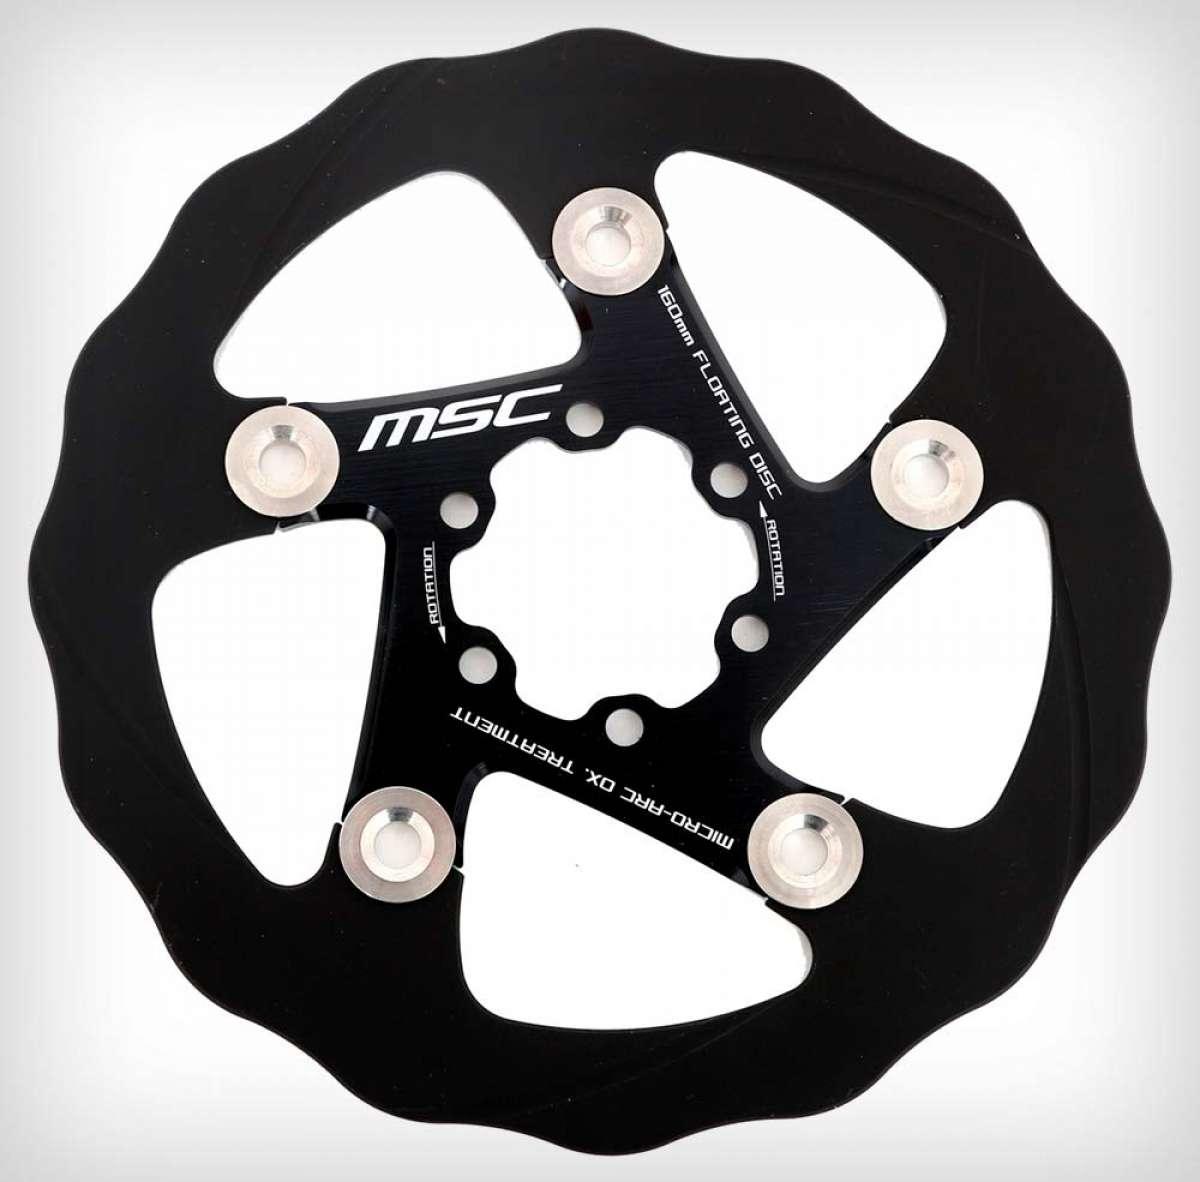 MSC Bikes presenta sus discos de freno flotantes, incluyendo un modelo con recubrimiento cerámico